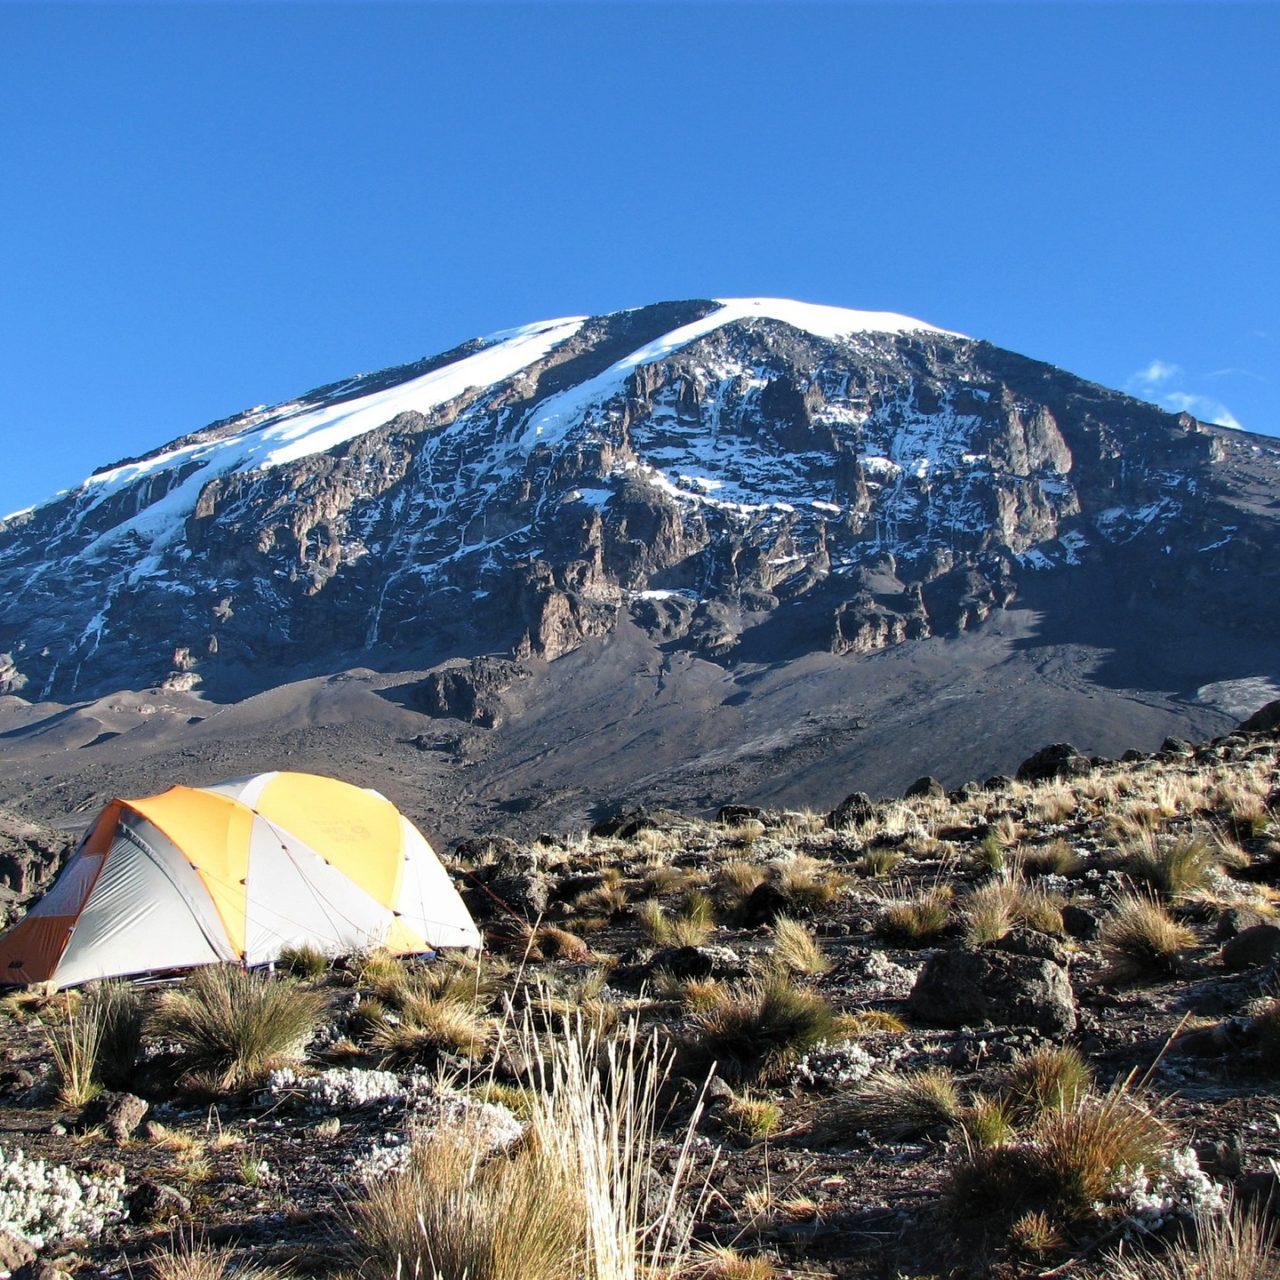 Camping along Mount Kilimanjaro